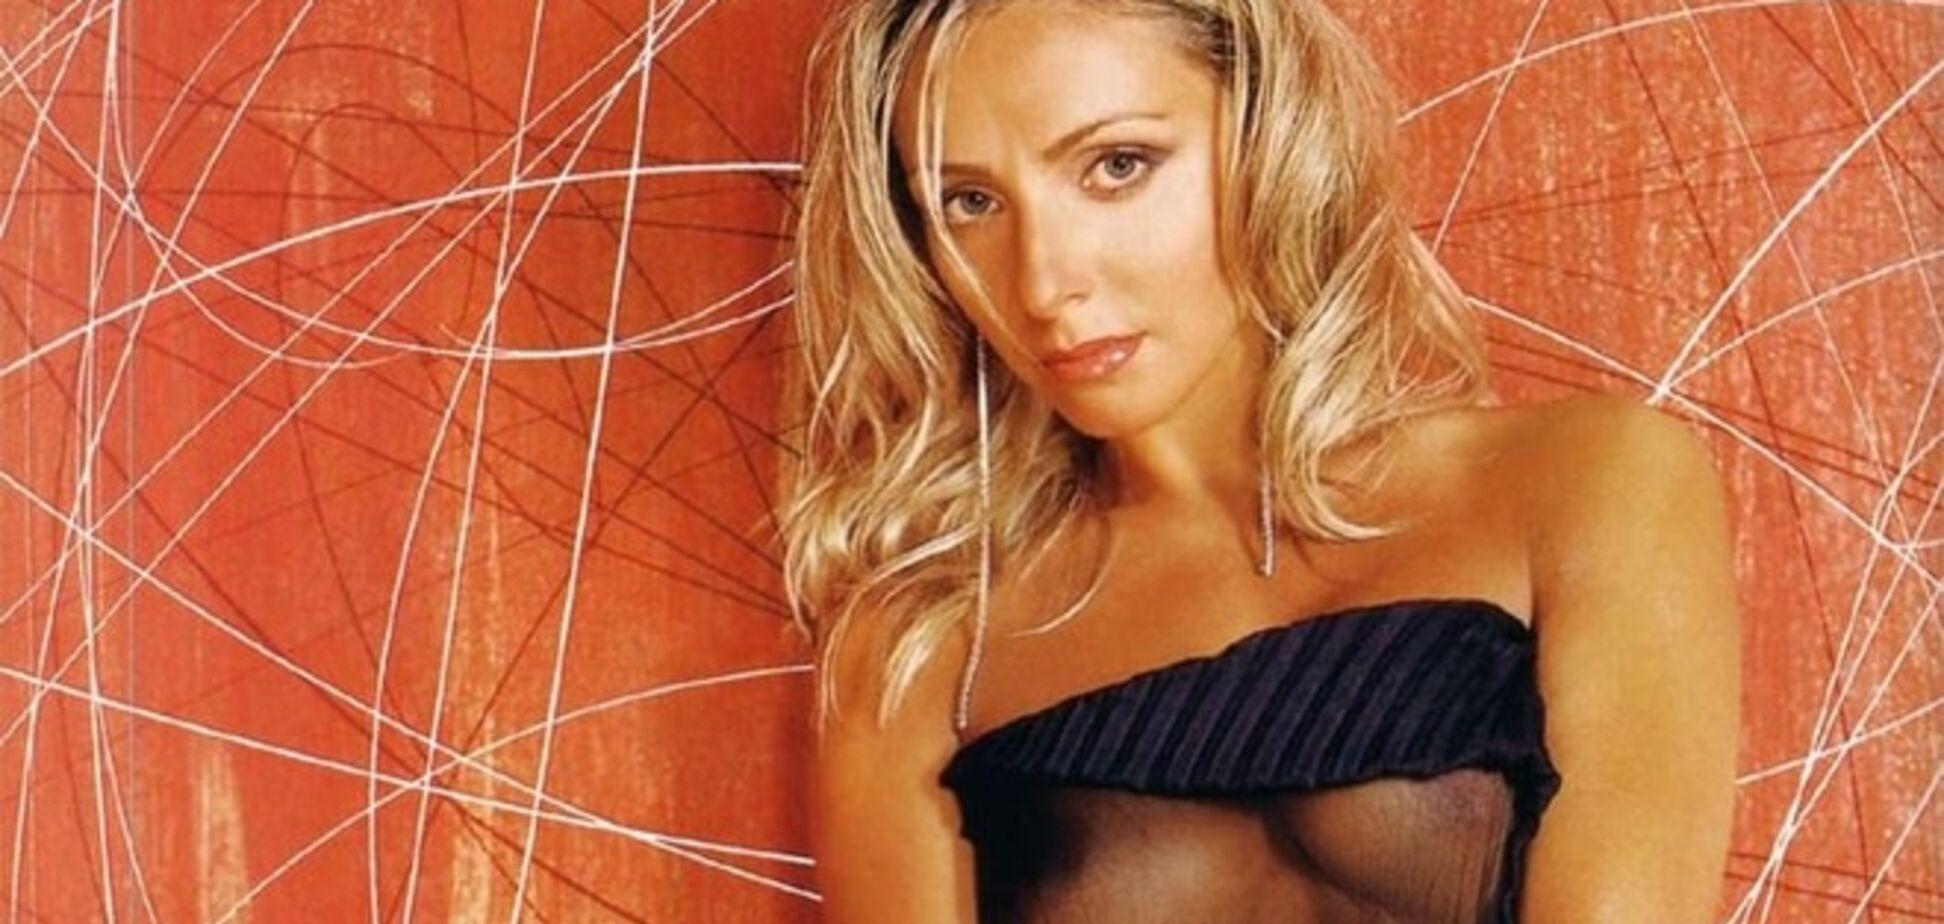 З волі Пєскова: журнал Maxim видалив еротичні фото Навки